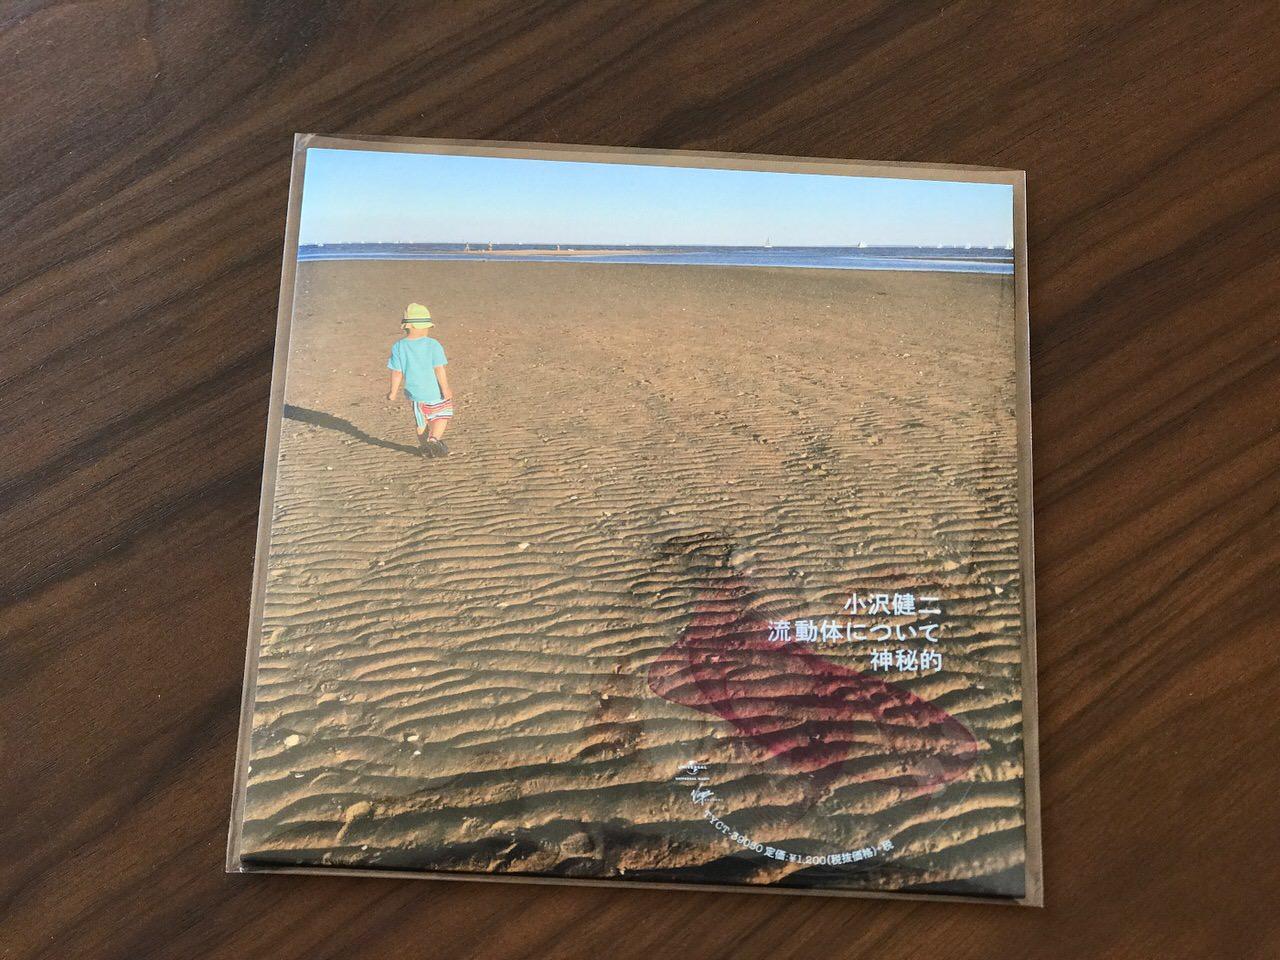 小沢健二「流動体について」昔のシングルレコードみたいだ